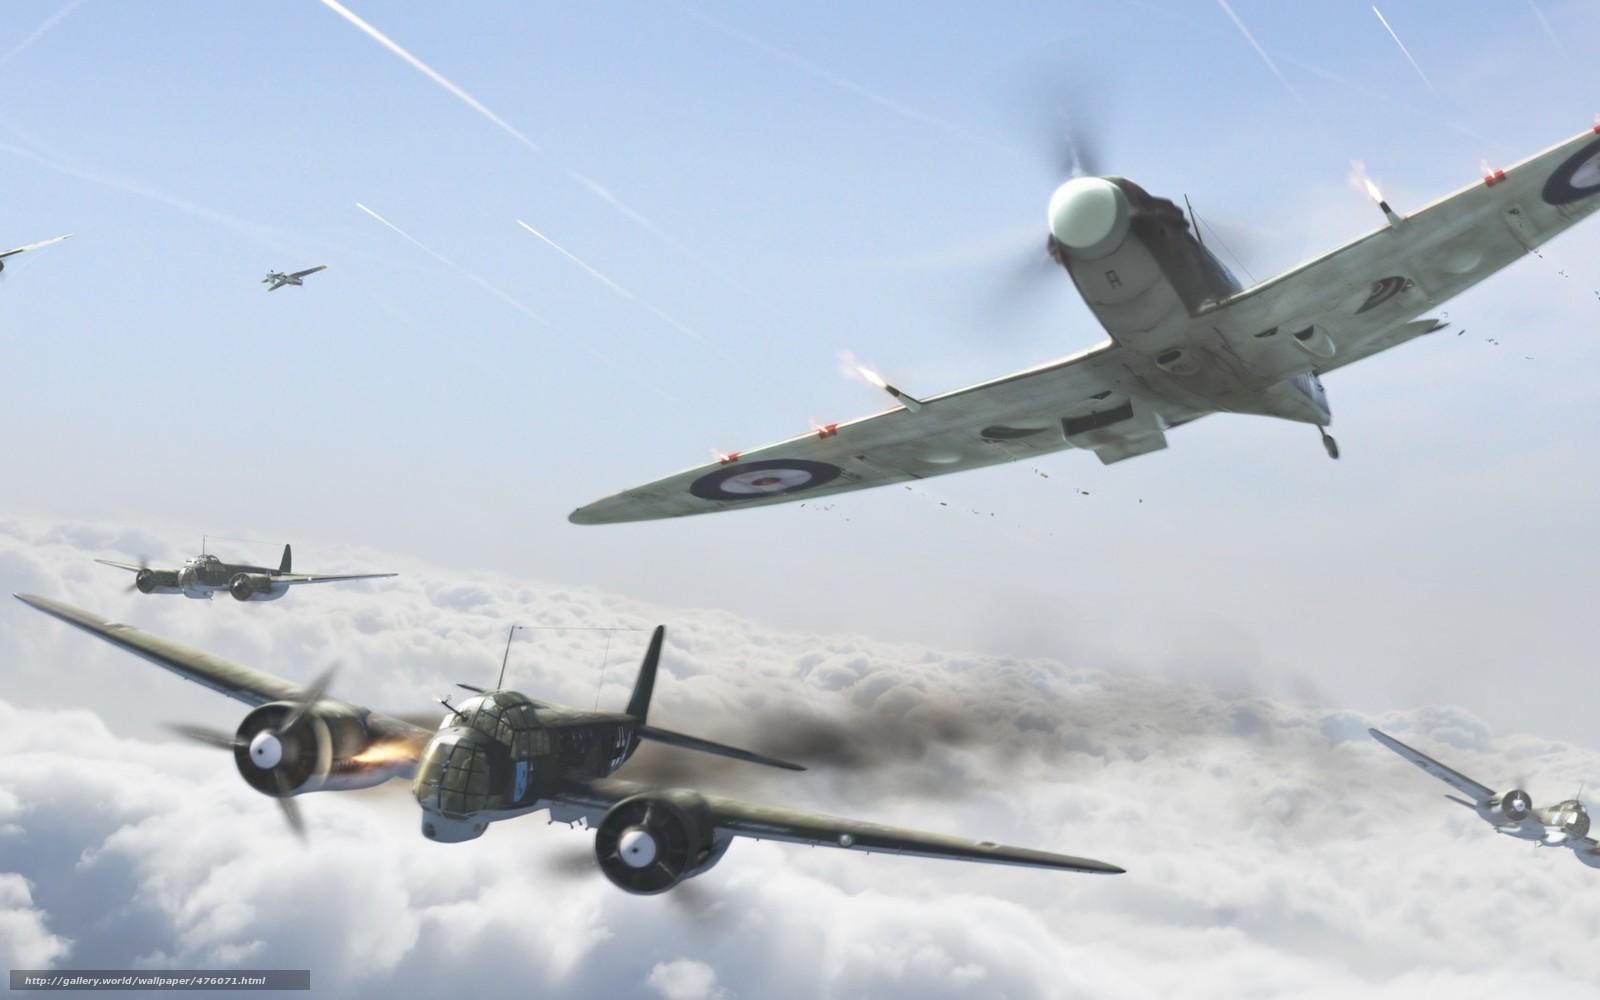 Скачать обои воздушный бой,  вторая мировая война,  британцы,  нападение бесплатно для рабочего стола в разрешении 1680x1050 — картинка №476071